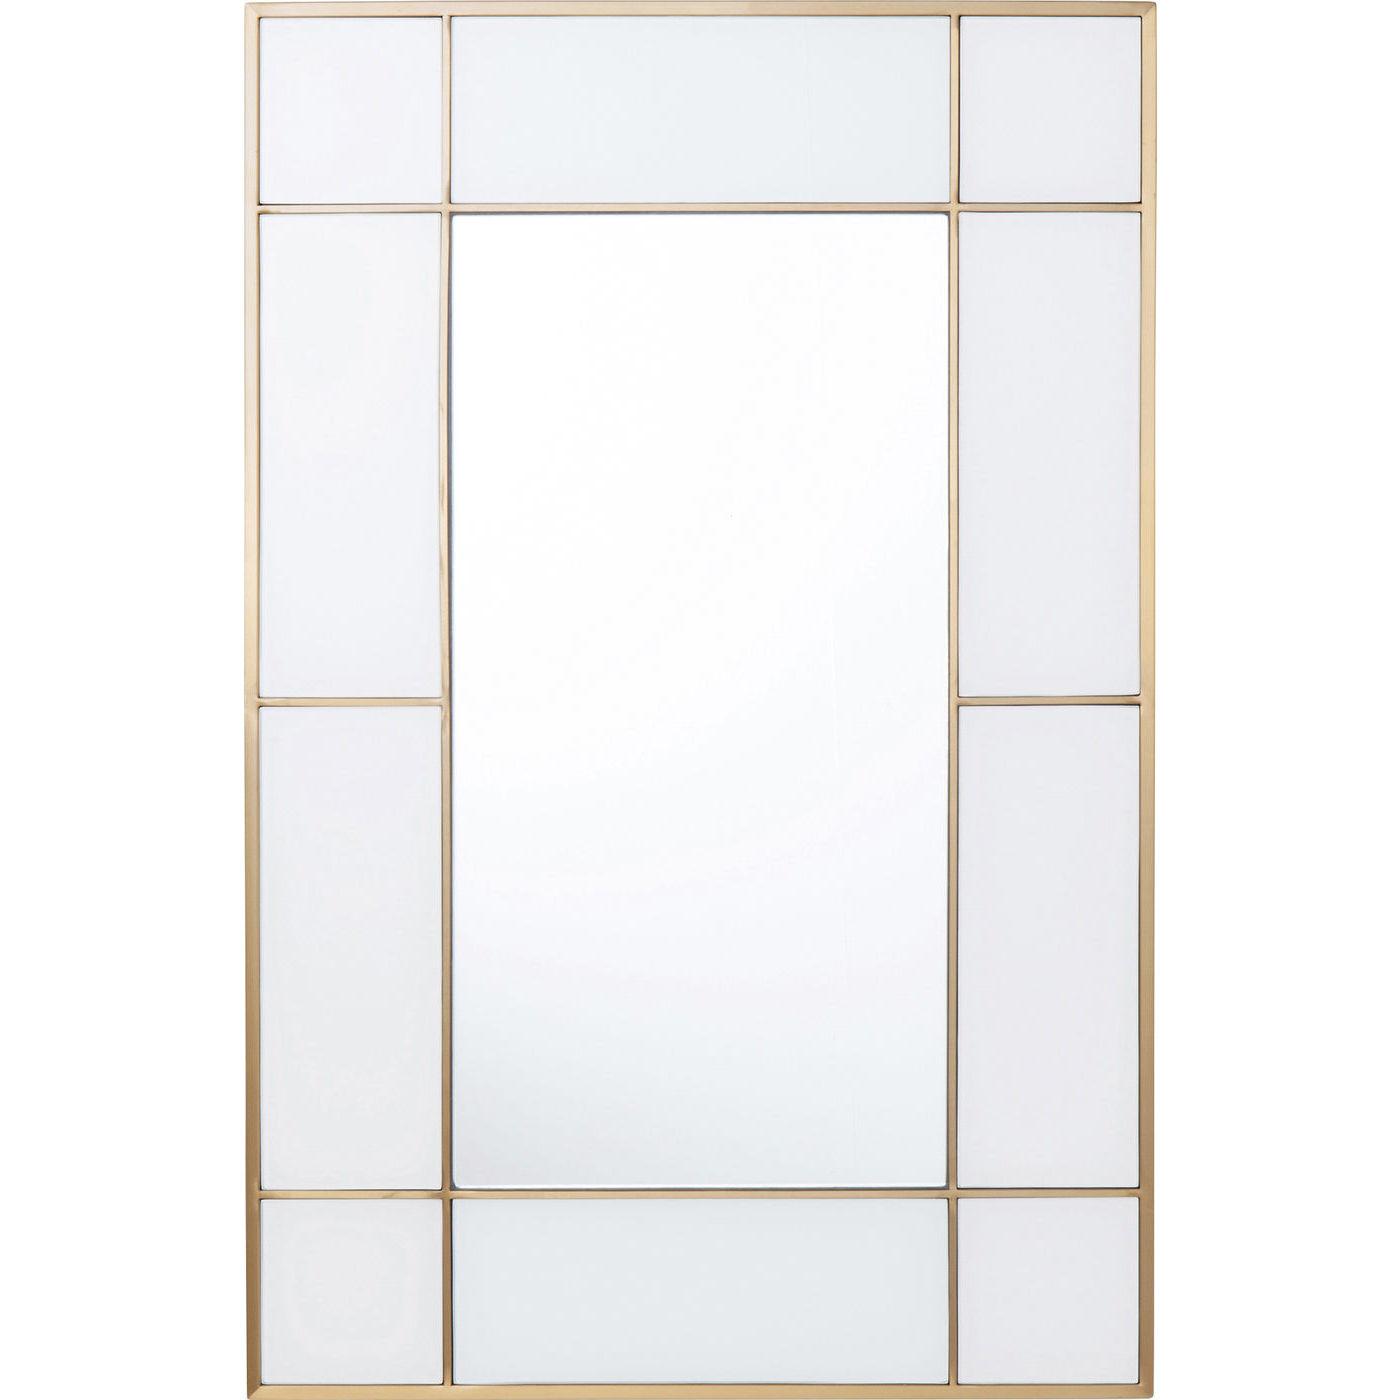 kare design – Kare design cracioso vægspejl - spejlglas/farvet glas/messing stål (90x60) fra boboonline.dk